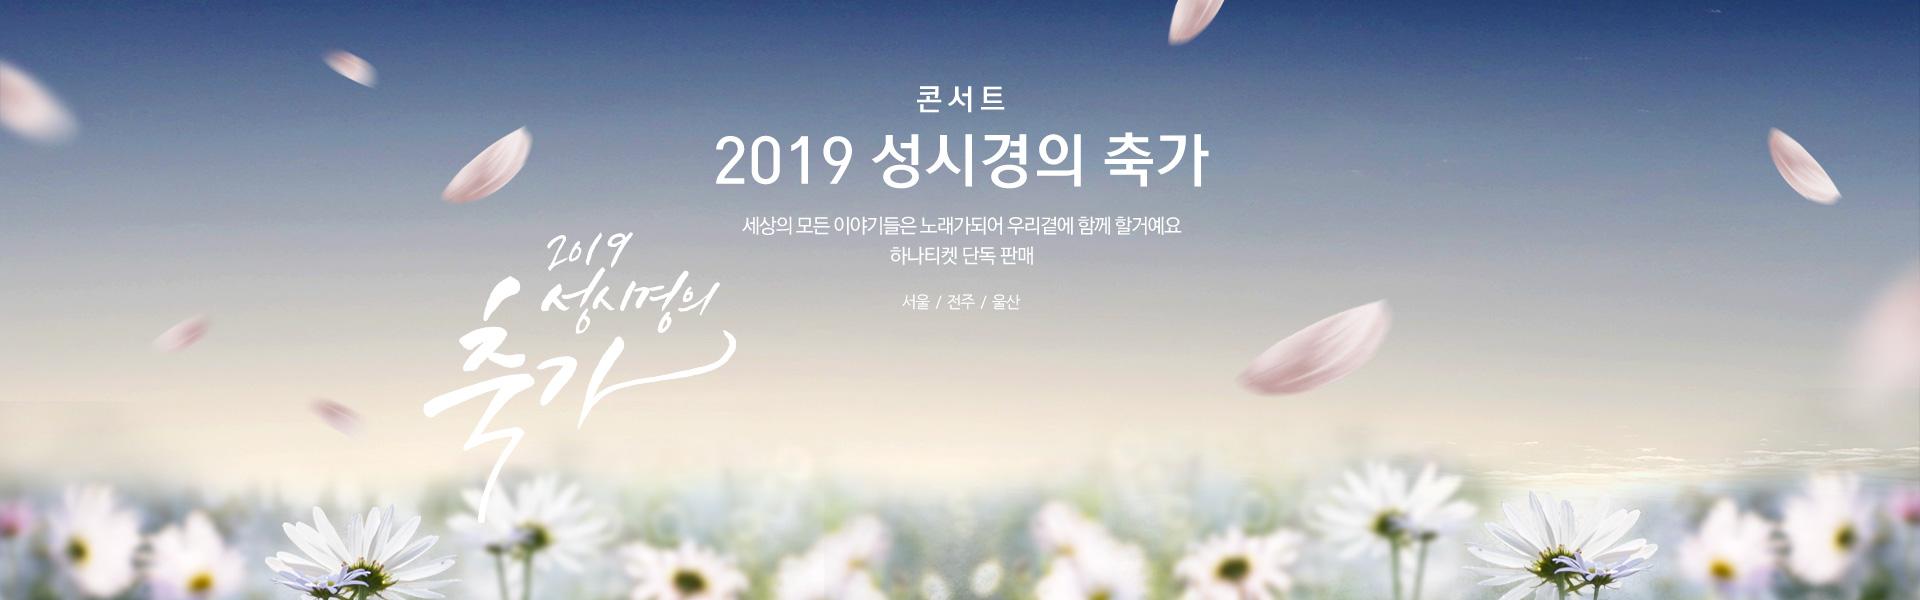 2019 성시경의 축가 콘서트 [울산]